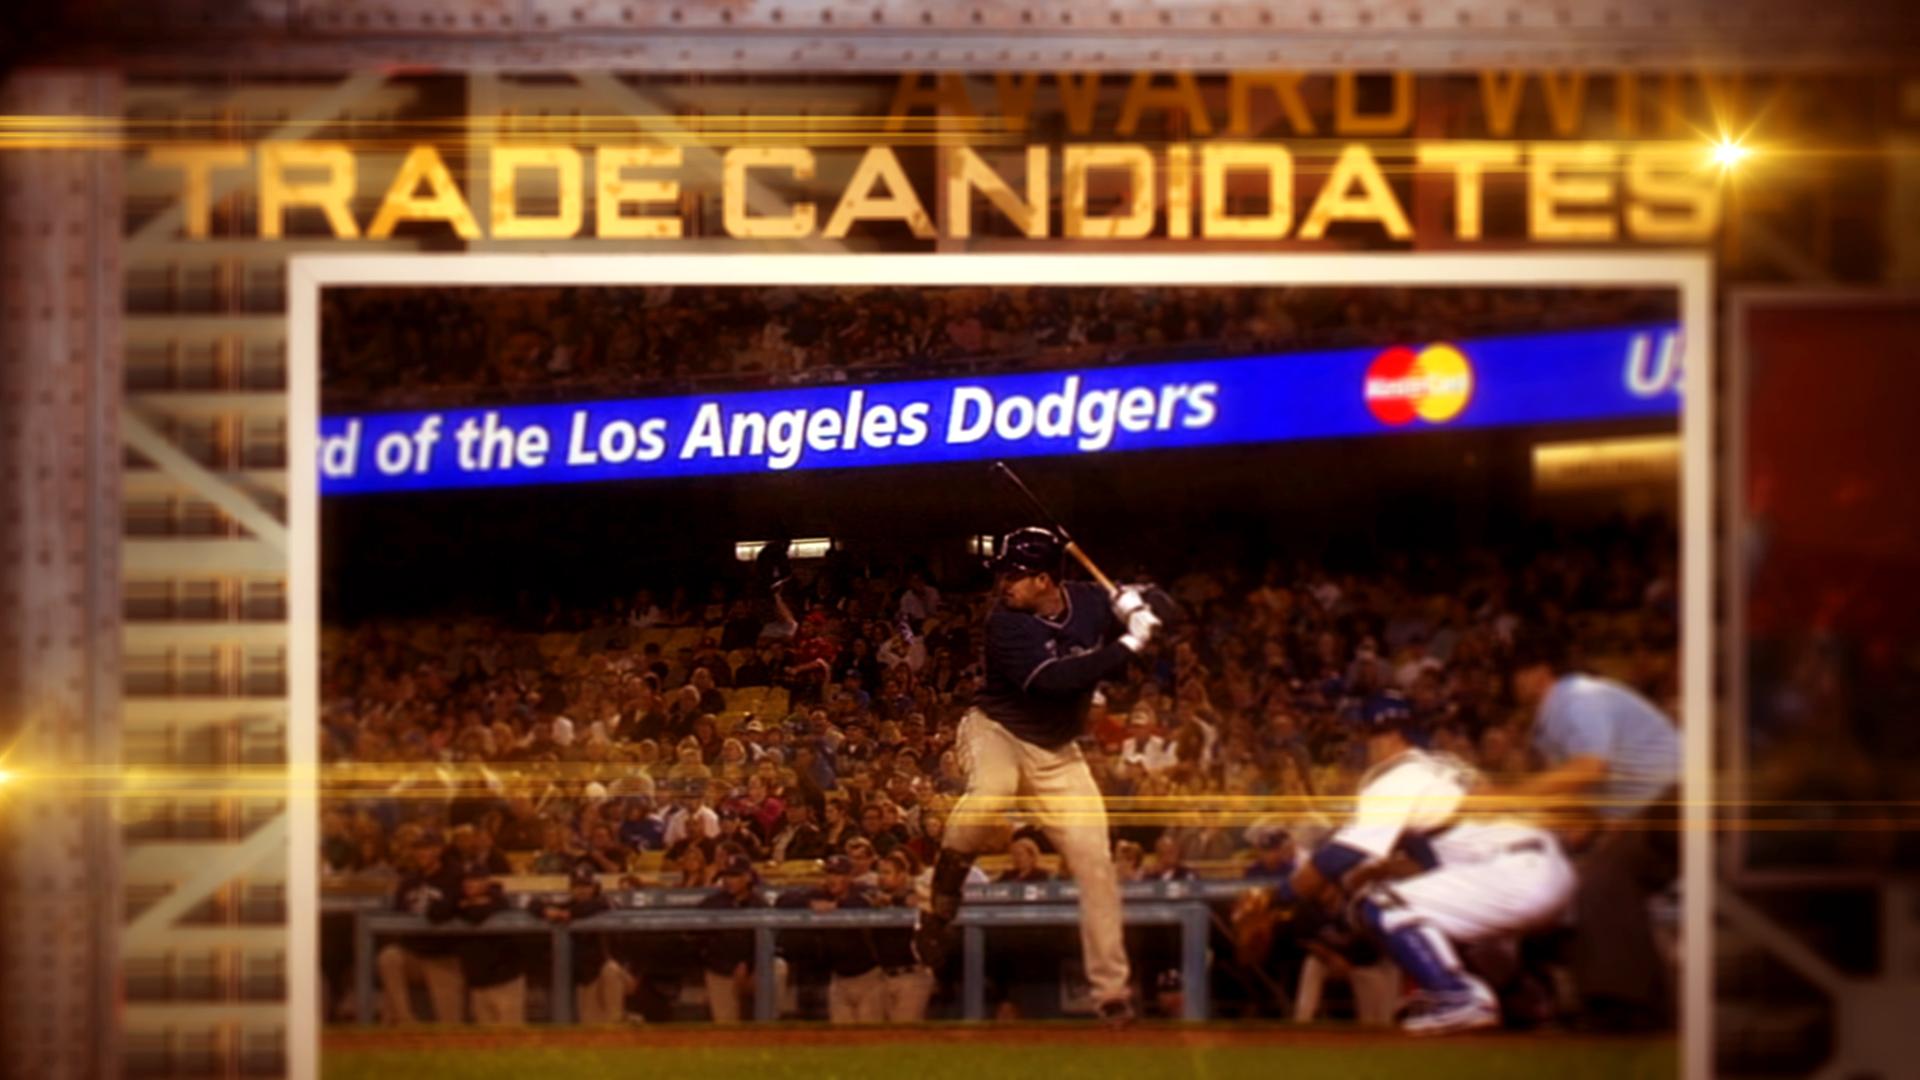 MLB_WDTG_Frame_08_01.jpg